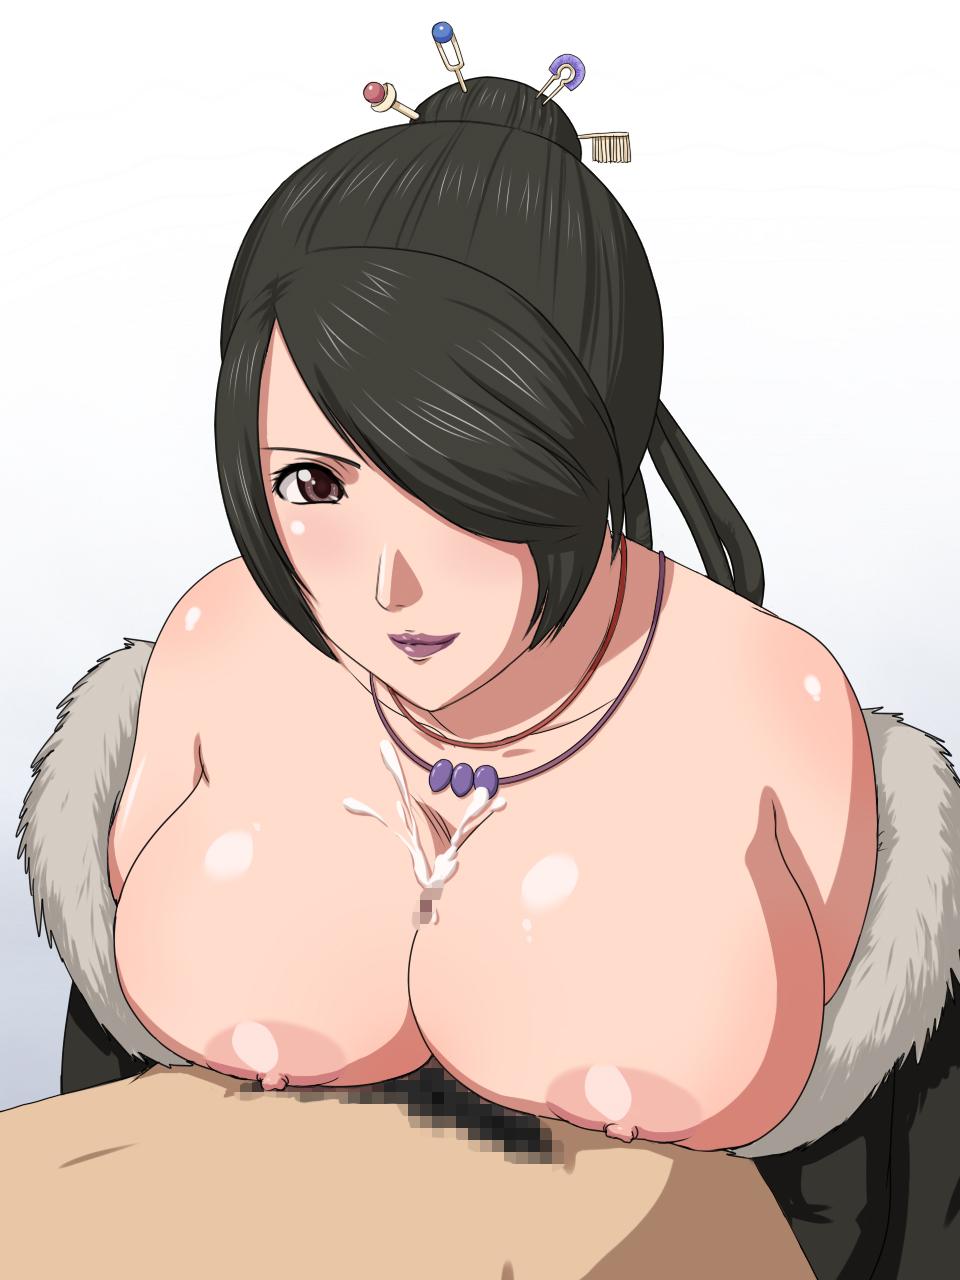 of quacho world queen final fantasy Baka dakedo chinchin shaburu no dake wa jouzu na chi-chan